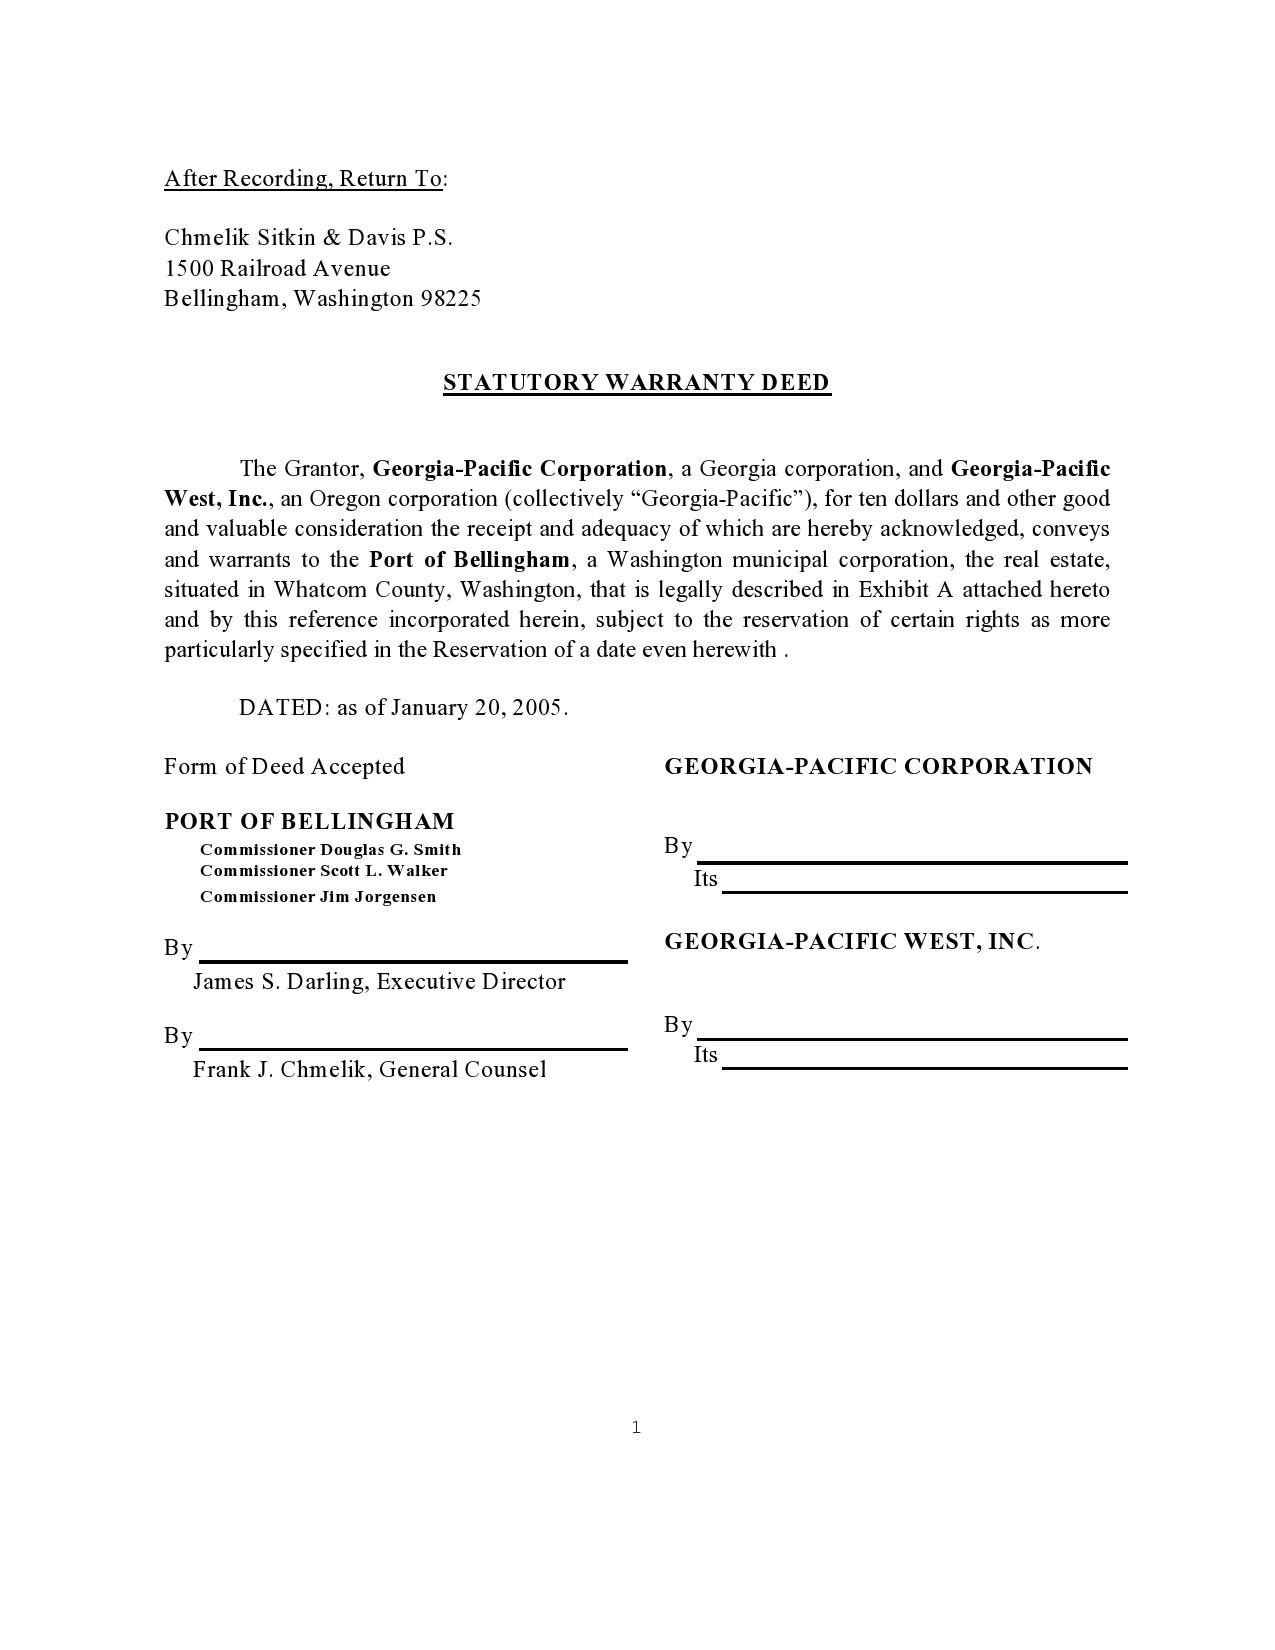 Free warranty deed form 22